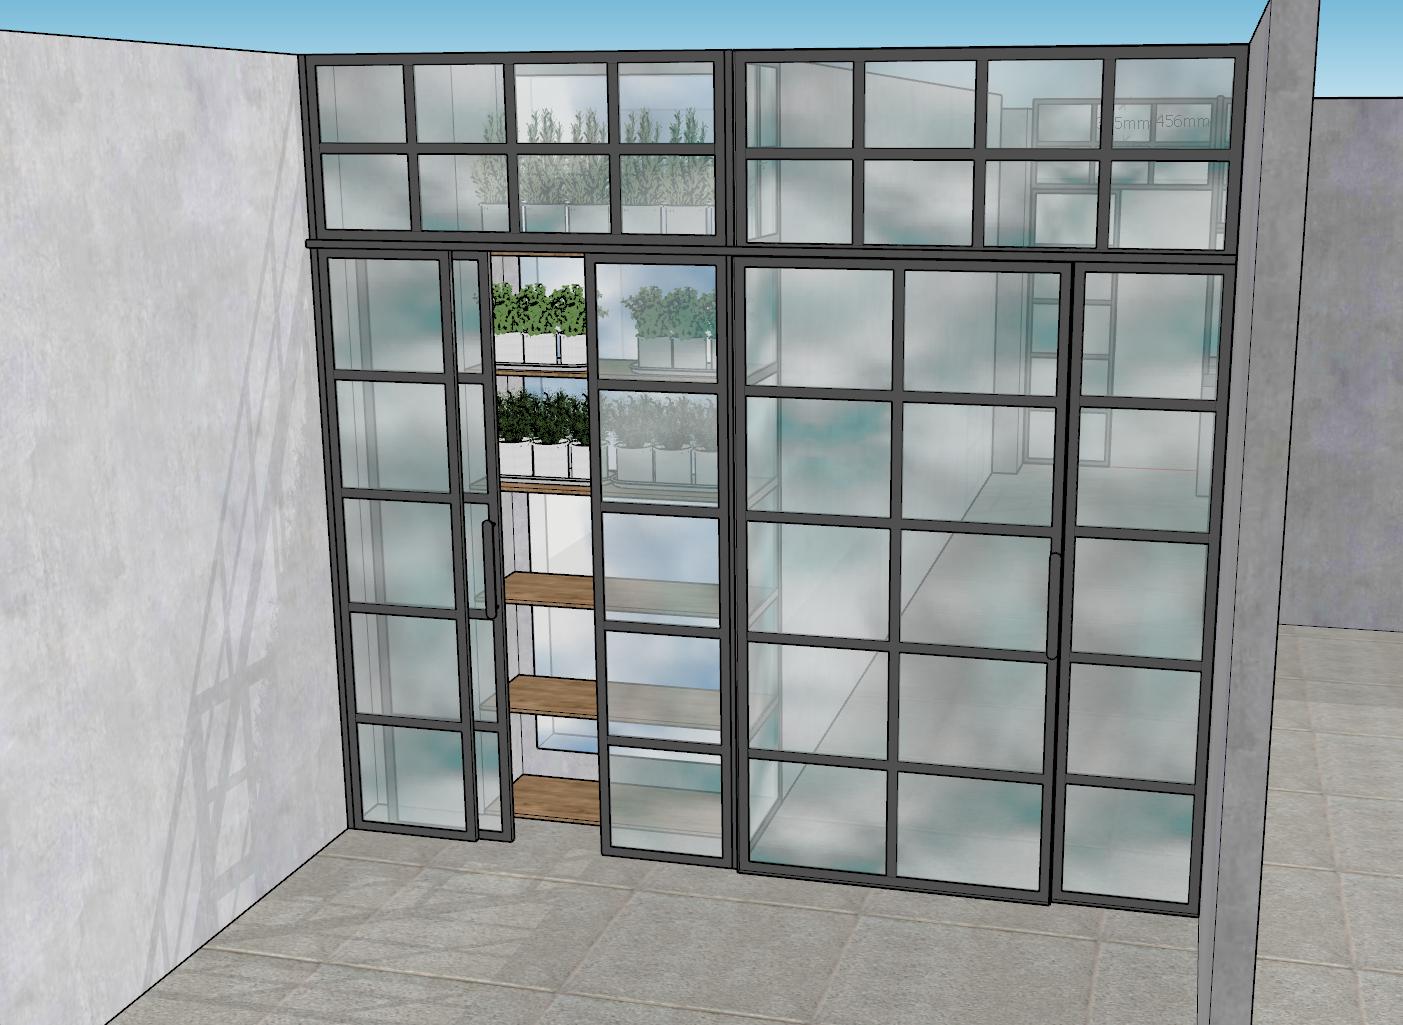 Szklane drzwi przesuwnIcon Concept, drzwi kute, drzwi metalowe, drzwi metalowe loftowe, drzwi wewnętrzne, wrocław, dolnośląskie, LOFT, drzwi loft, drzwi metalowe loft, kowalstwo, okna metalowe industrialne, witryny metalowe industrialneIcon Concept, drzwi kute, drzwi metalowe, drzwi metalowe loftowe, drzwi wewnętrzne, wrocław, dolnośląskie, LOFT, drzwi loft, drzwi metalowe loft, kowalstwo, okna metalowe industrialne, witryny metalowe industrialnee Icon Loft 6